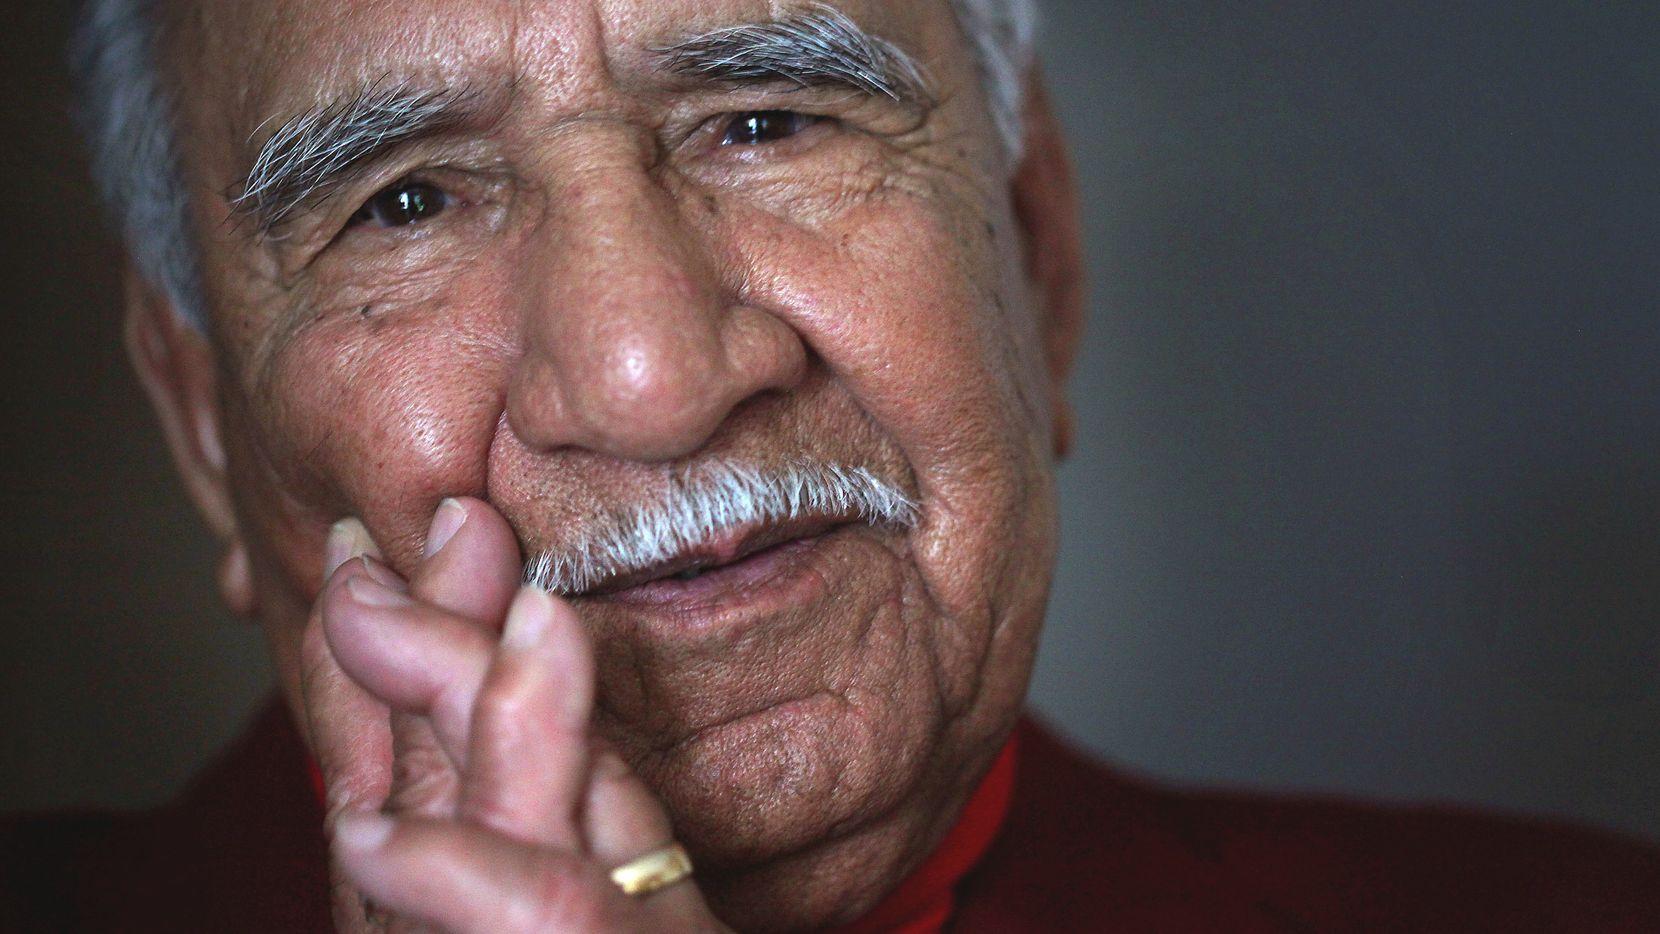 Felix Lozada, shown at age 89, in 2012